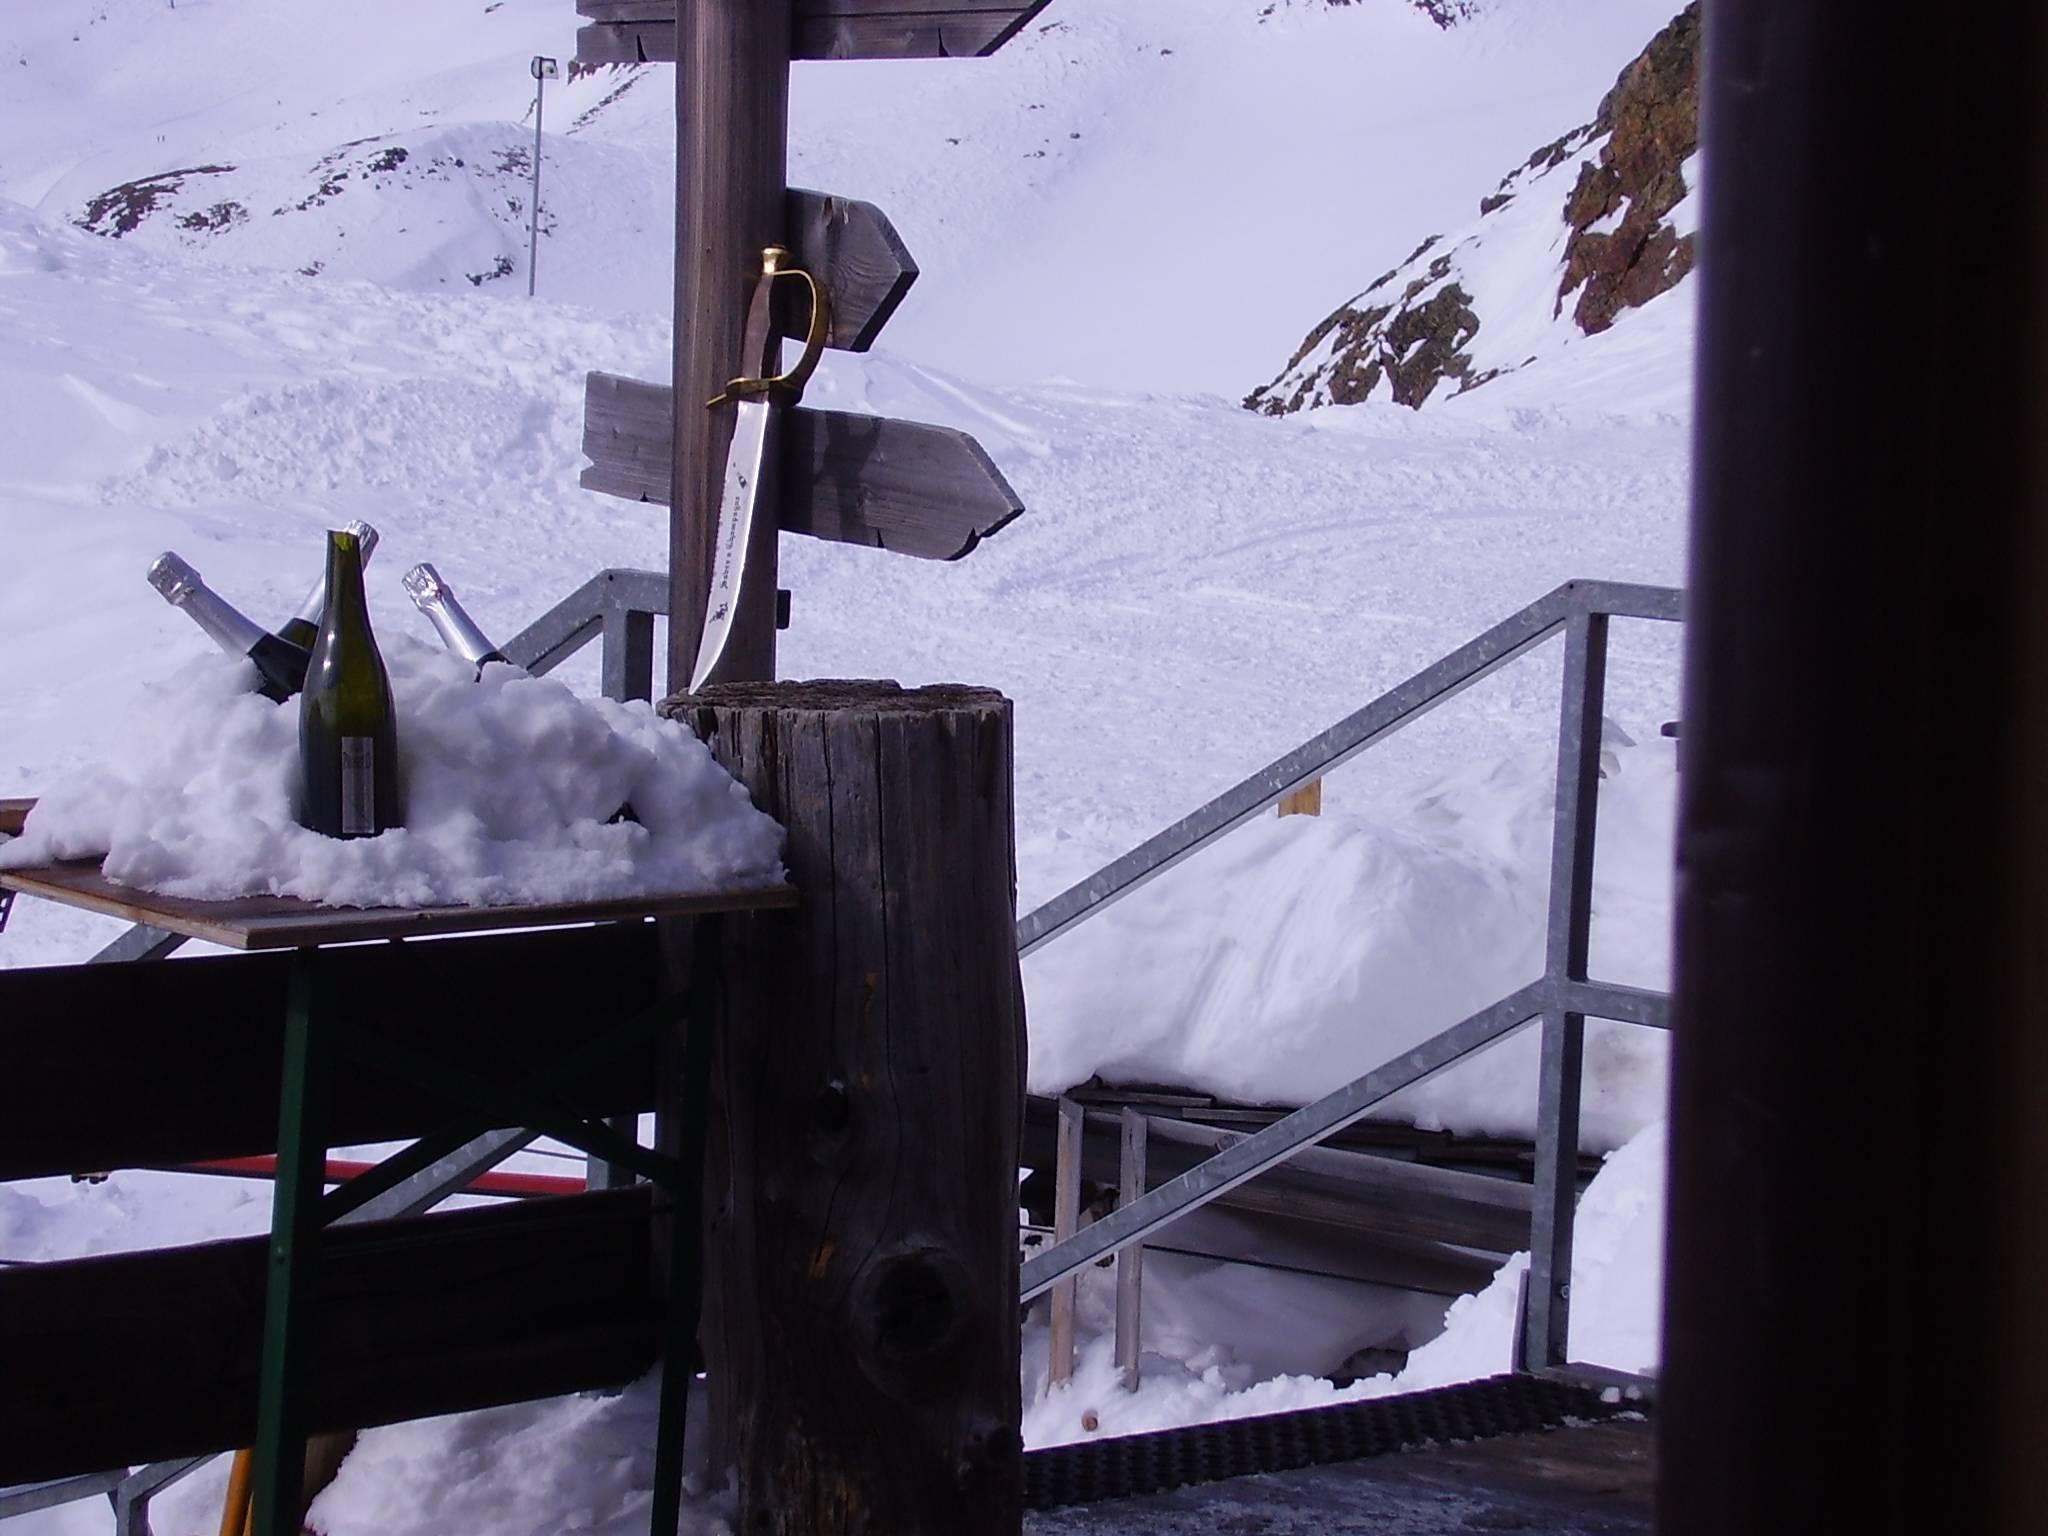 Hintergrund die unter http://www.schnalstal.com/wetterwebcam_webcam_schoeneaussicht.php erreichbare Webcam I, the copyright holder of this work, hereby